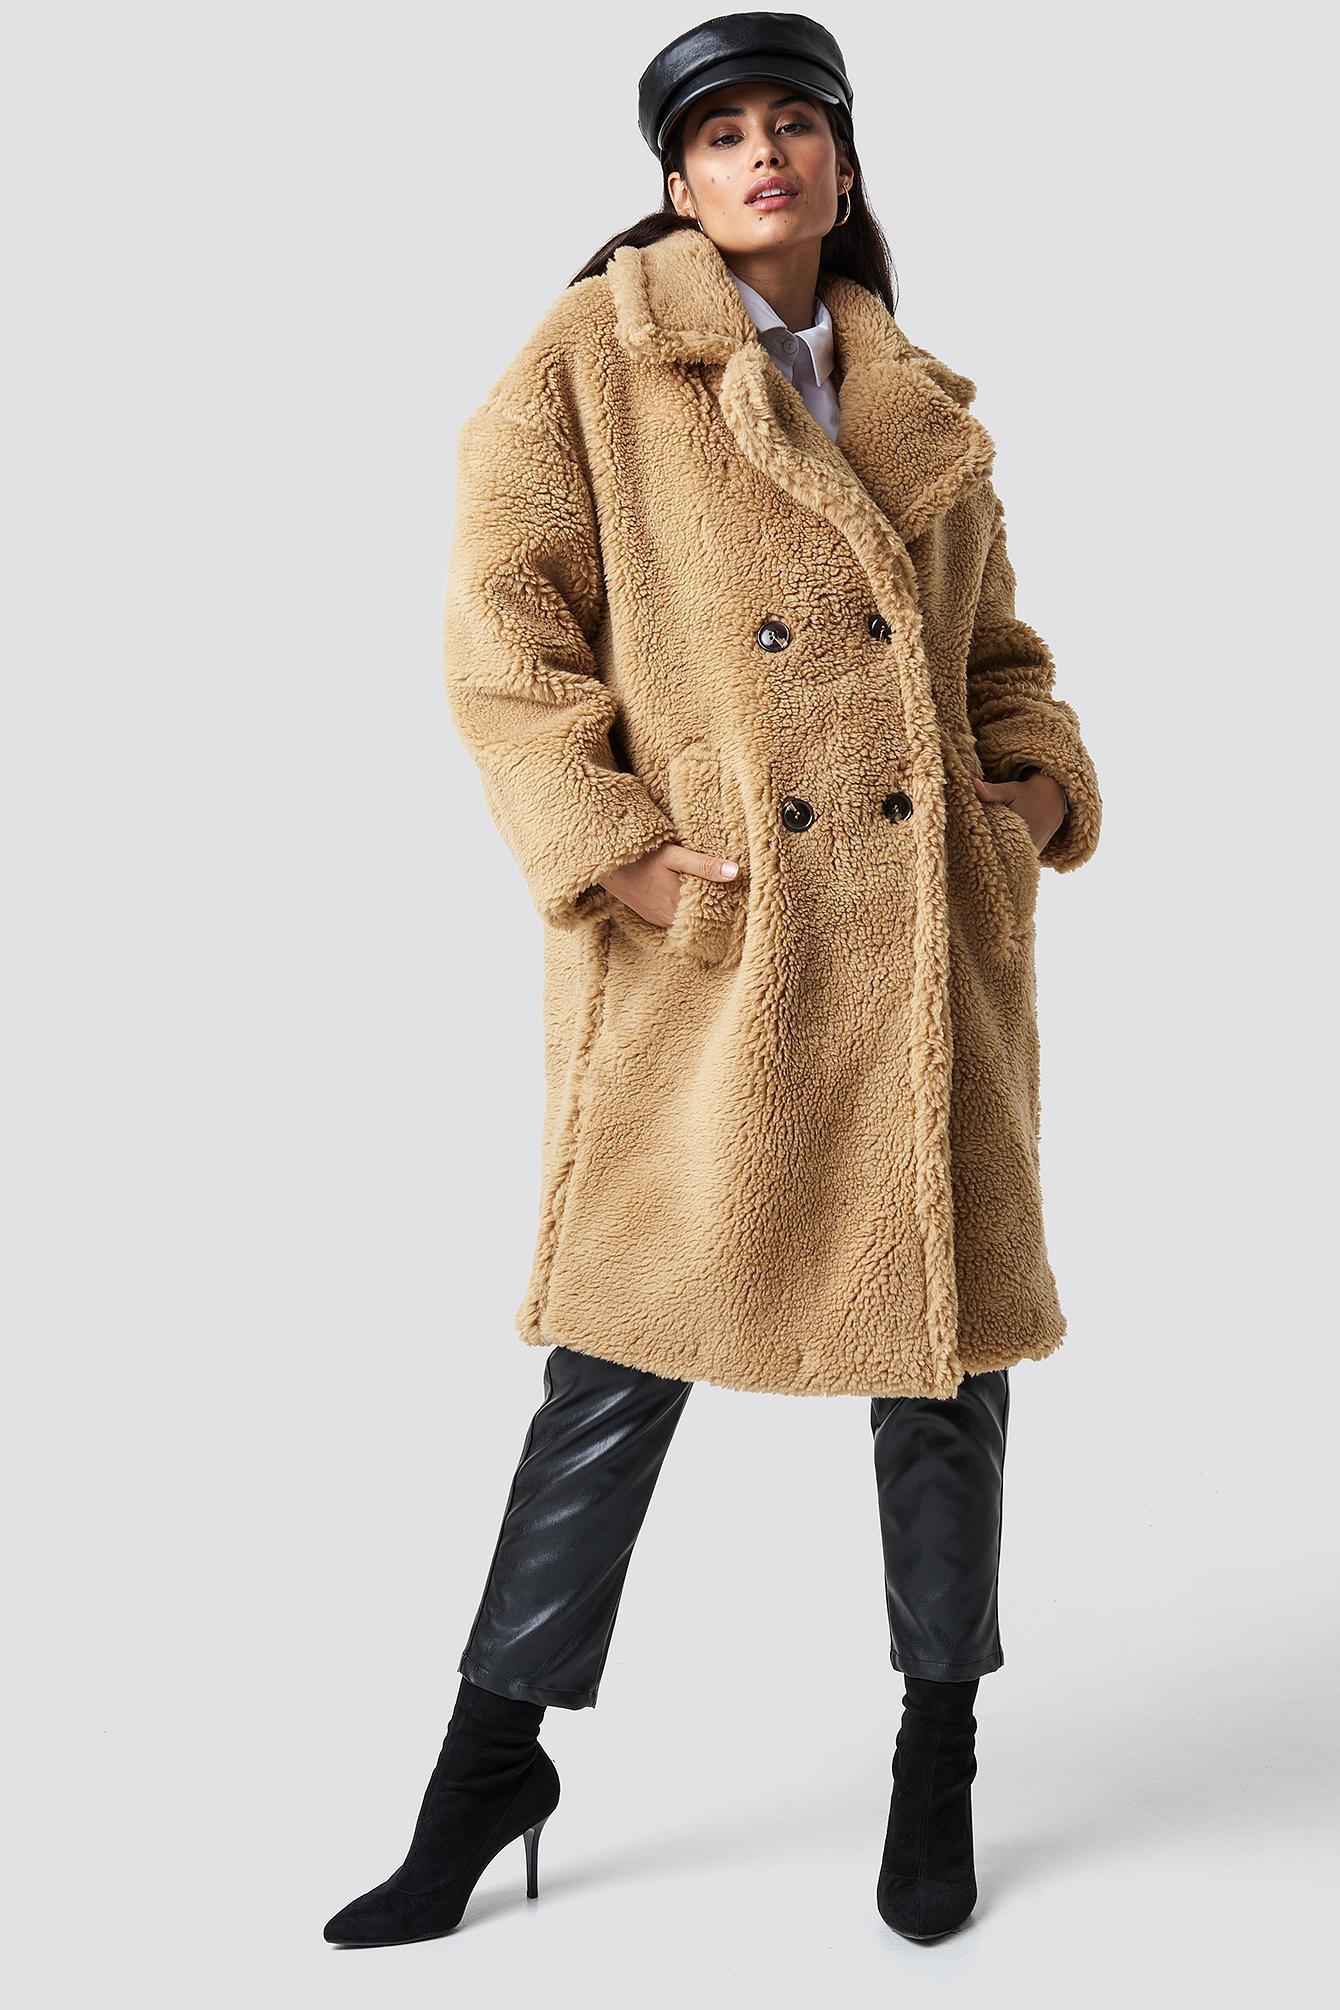 chloé b x na-kd -  Teddy Oversized Jacket - Beige